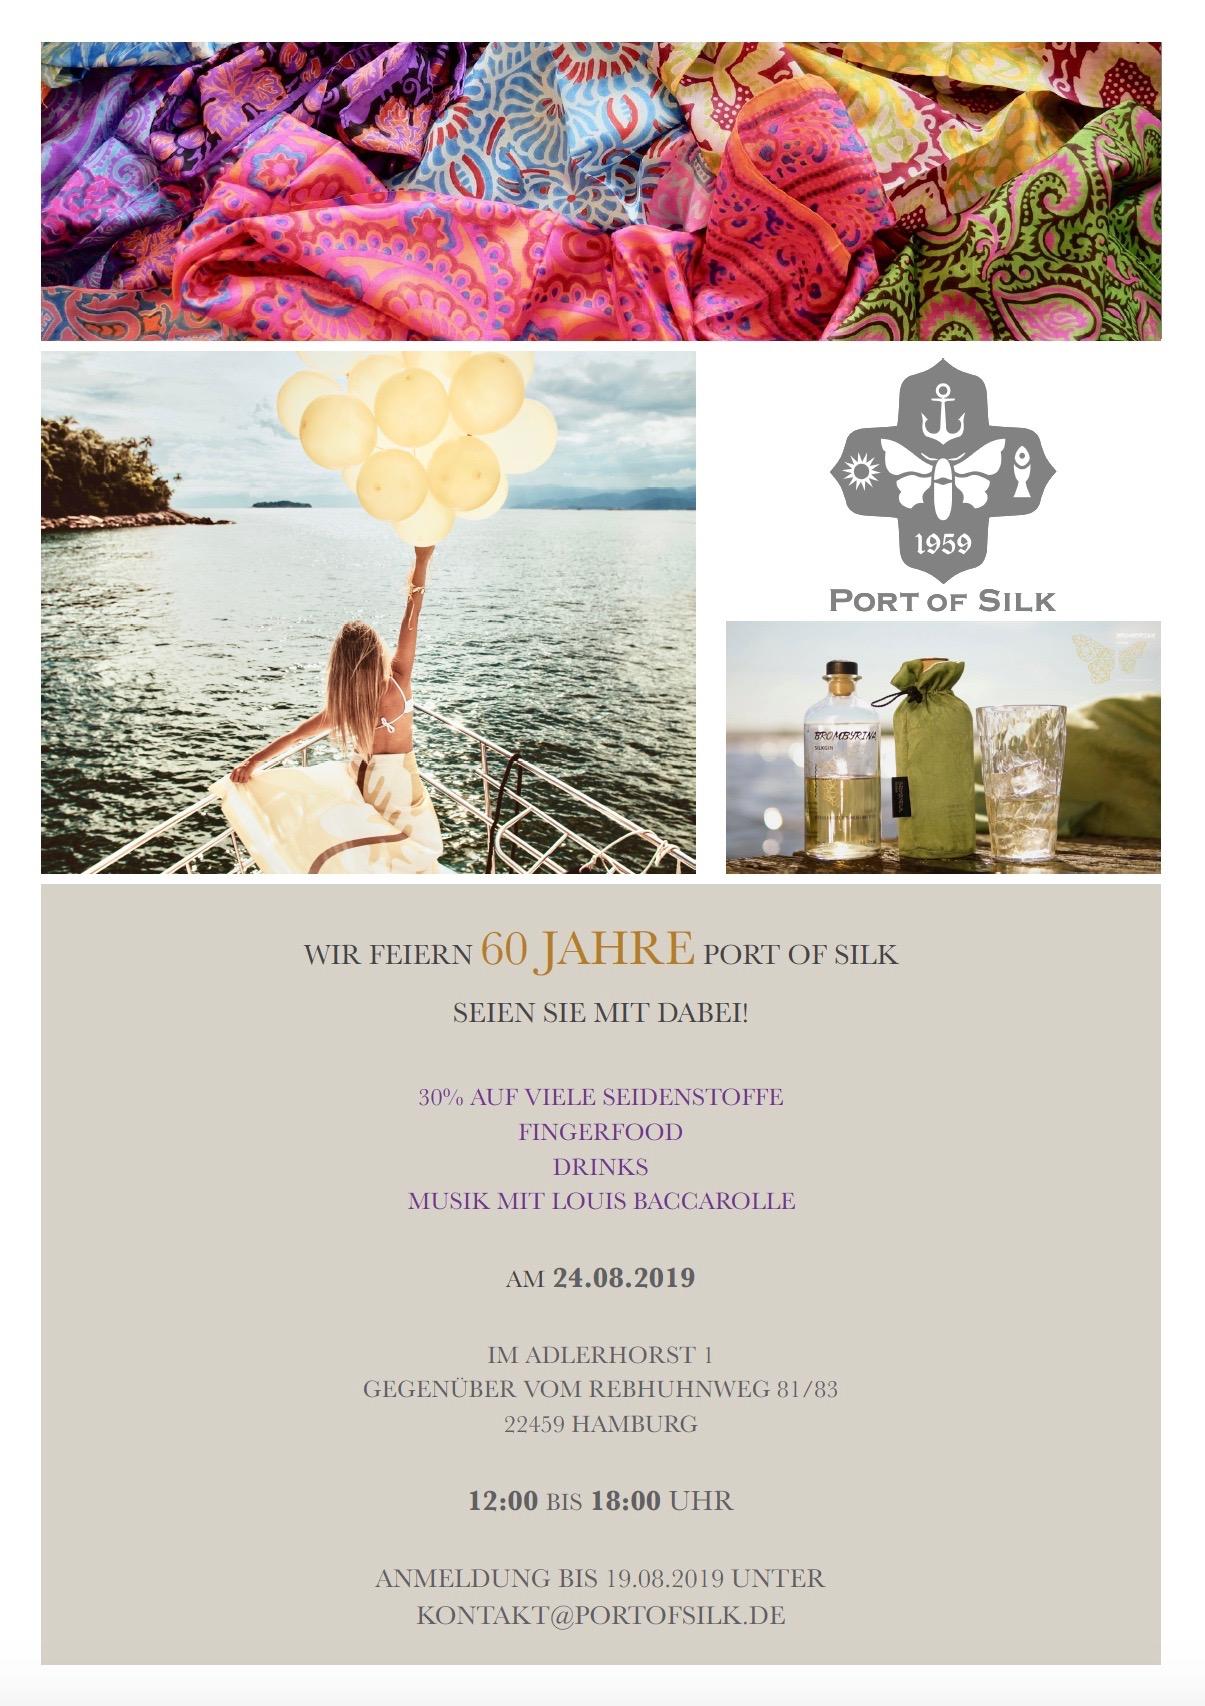 Port Of Silk Geburtstags-Shopping – Feiern Sie Mit Uns Das 60-Jahre-Geburtstagsjubiläum